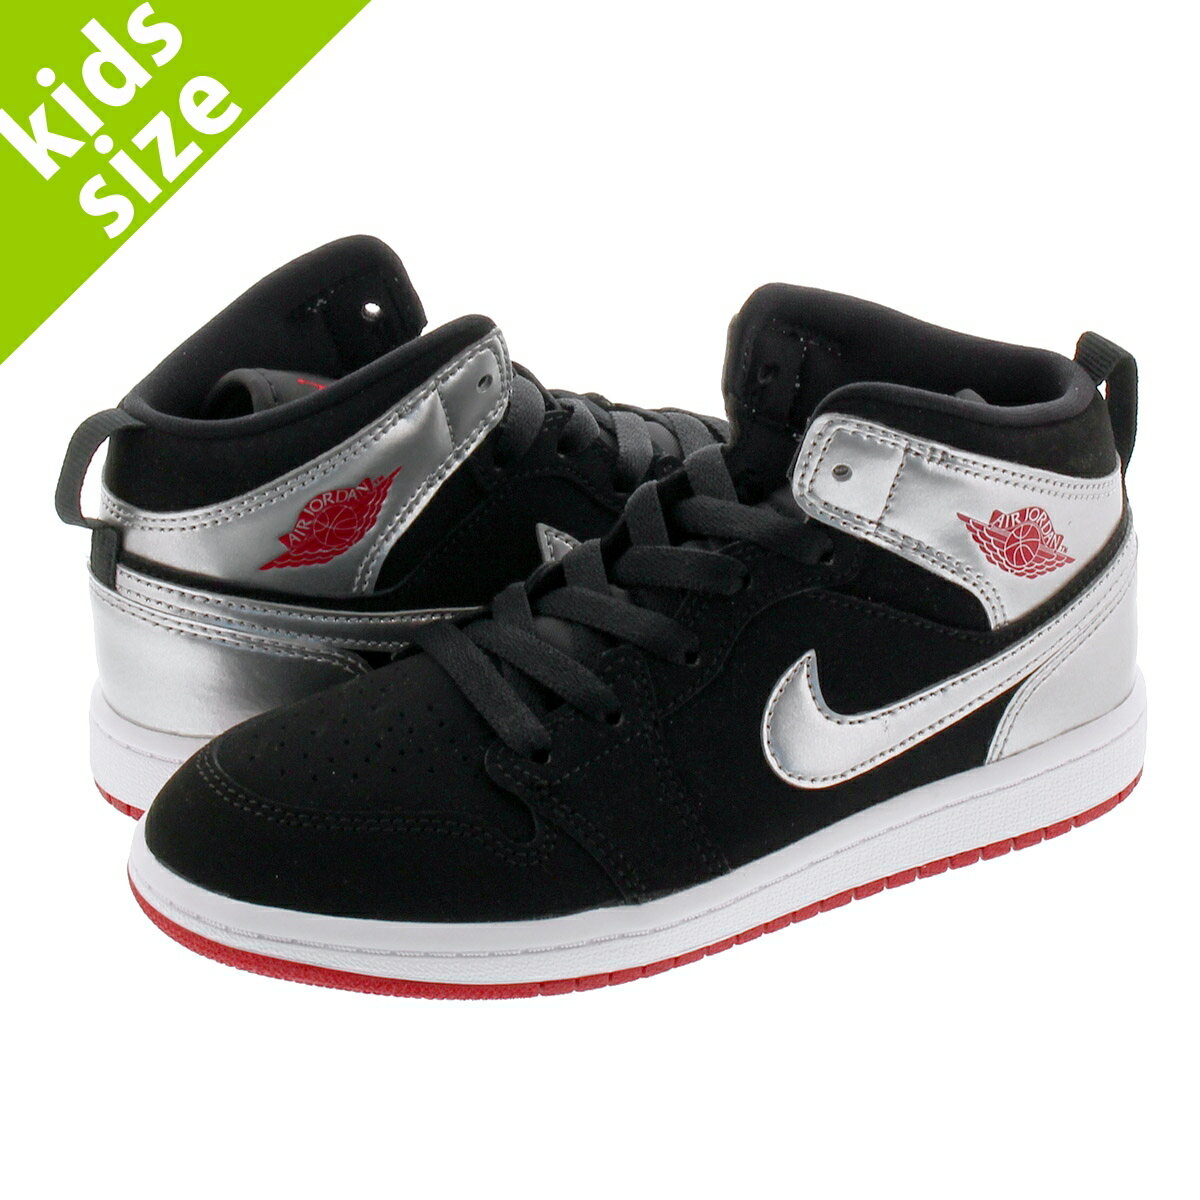 靴, スニーカー 16.022.0cm NIKE JORDAN 1 MID PS 1 PS BLACKGYM REDMETALLIC SILVER 640734-057